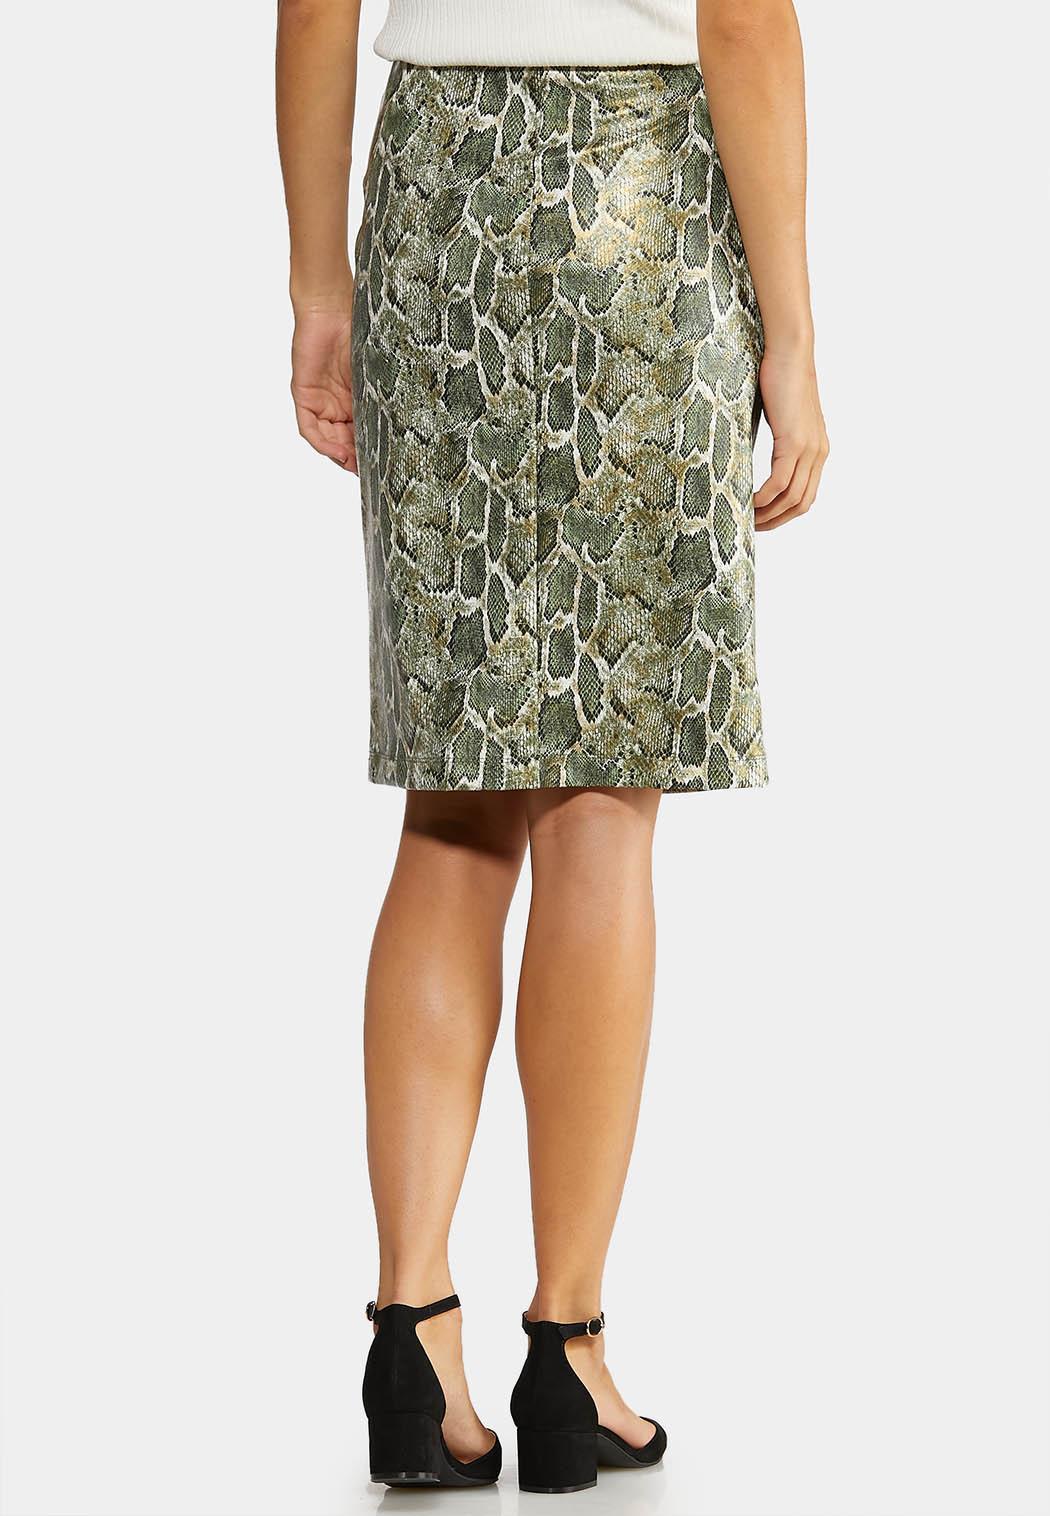 Green Snake Pencil Skirt (Item #43995904)